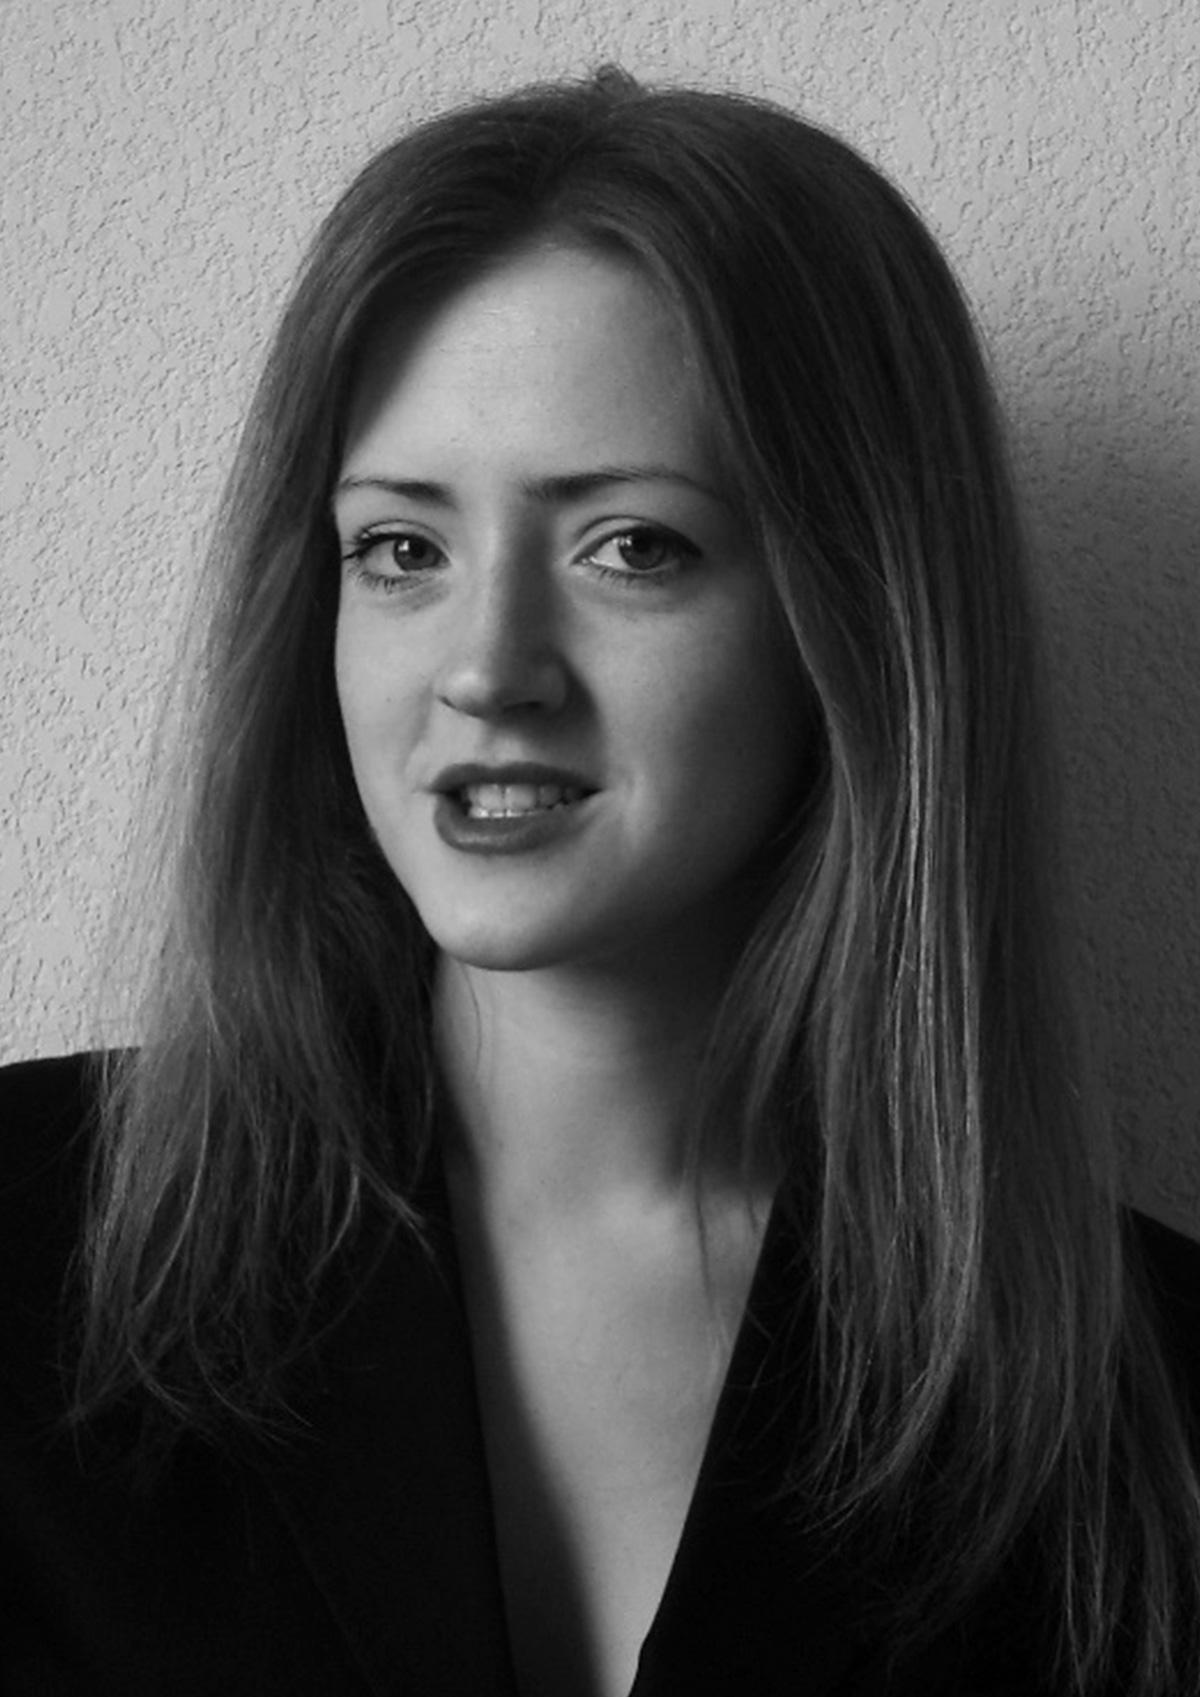 Liliia Polschcha